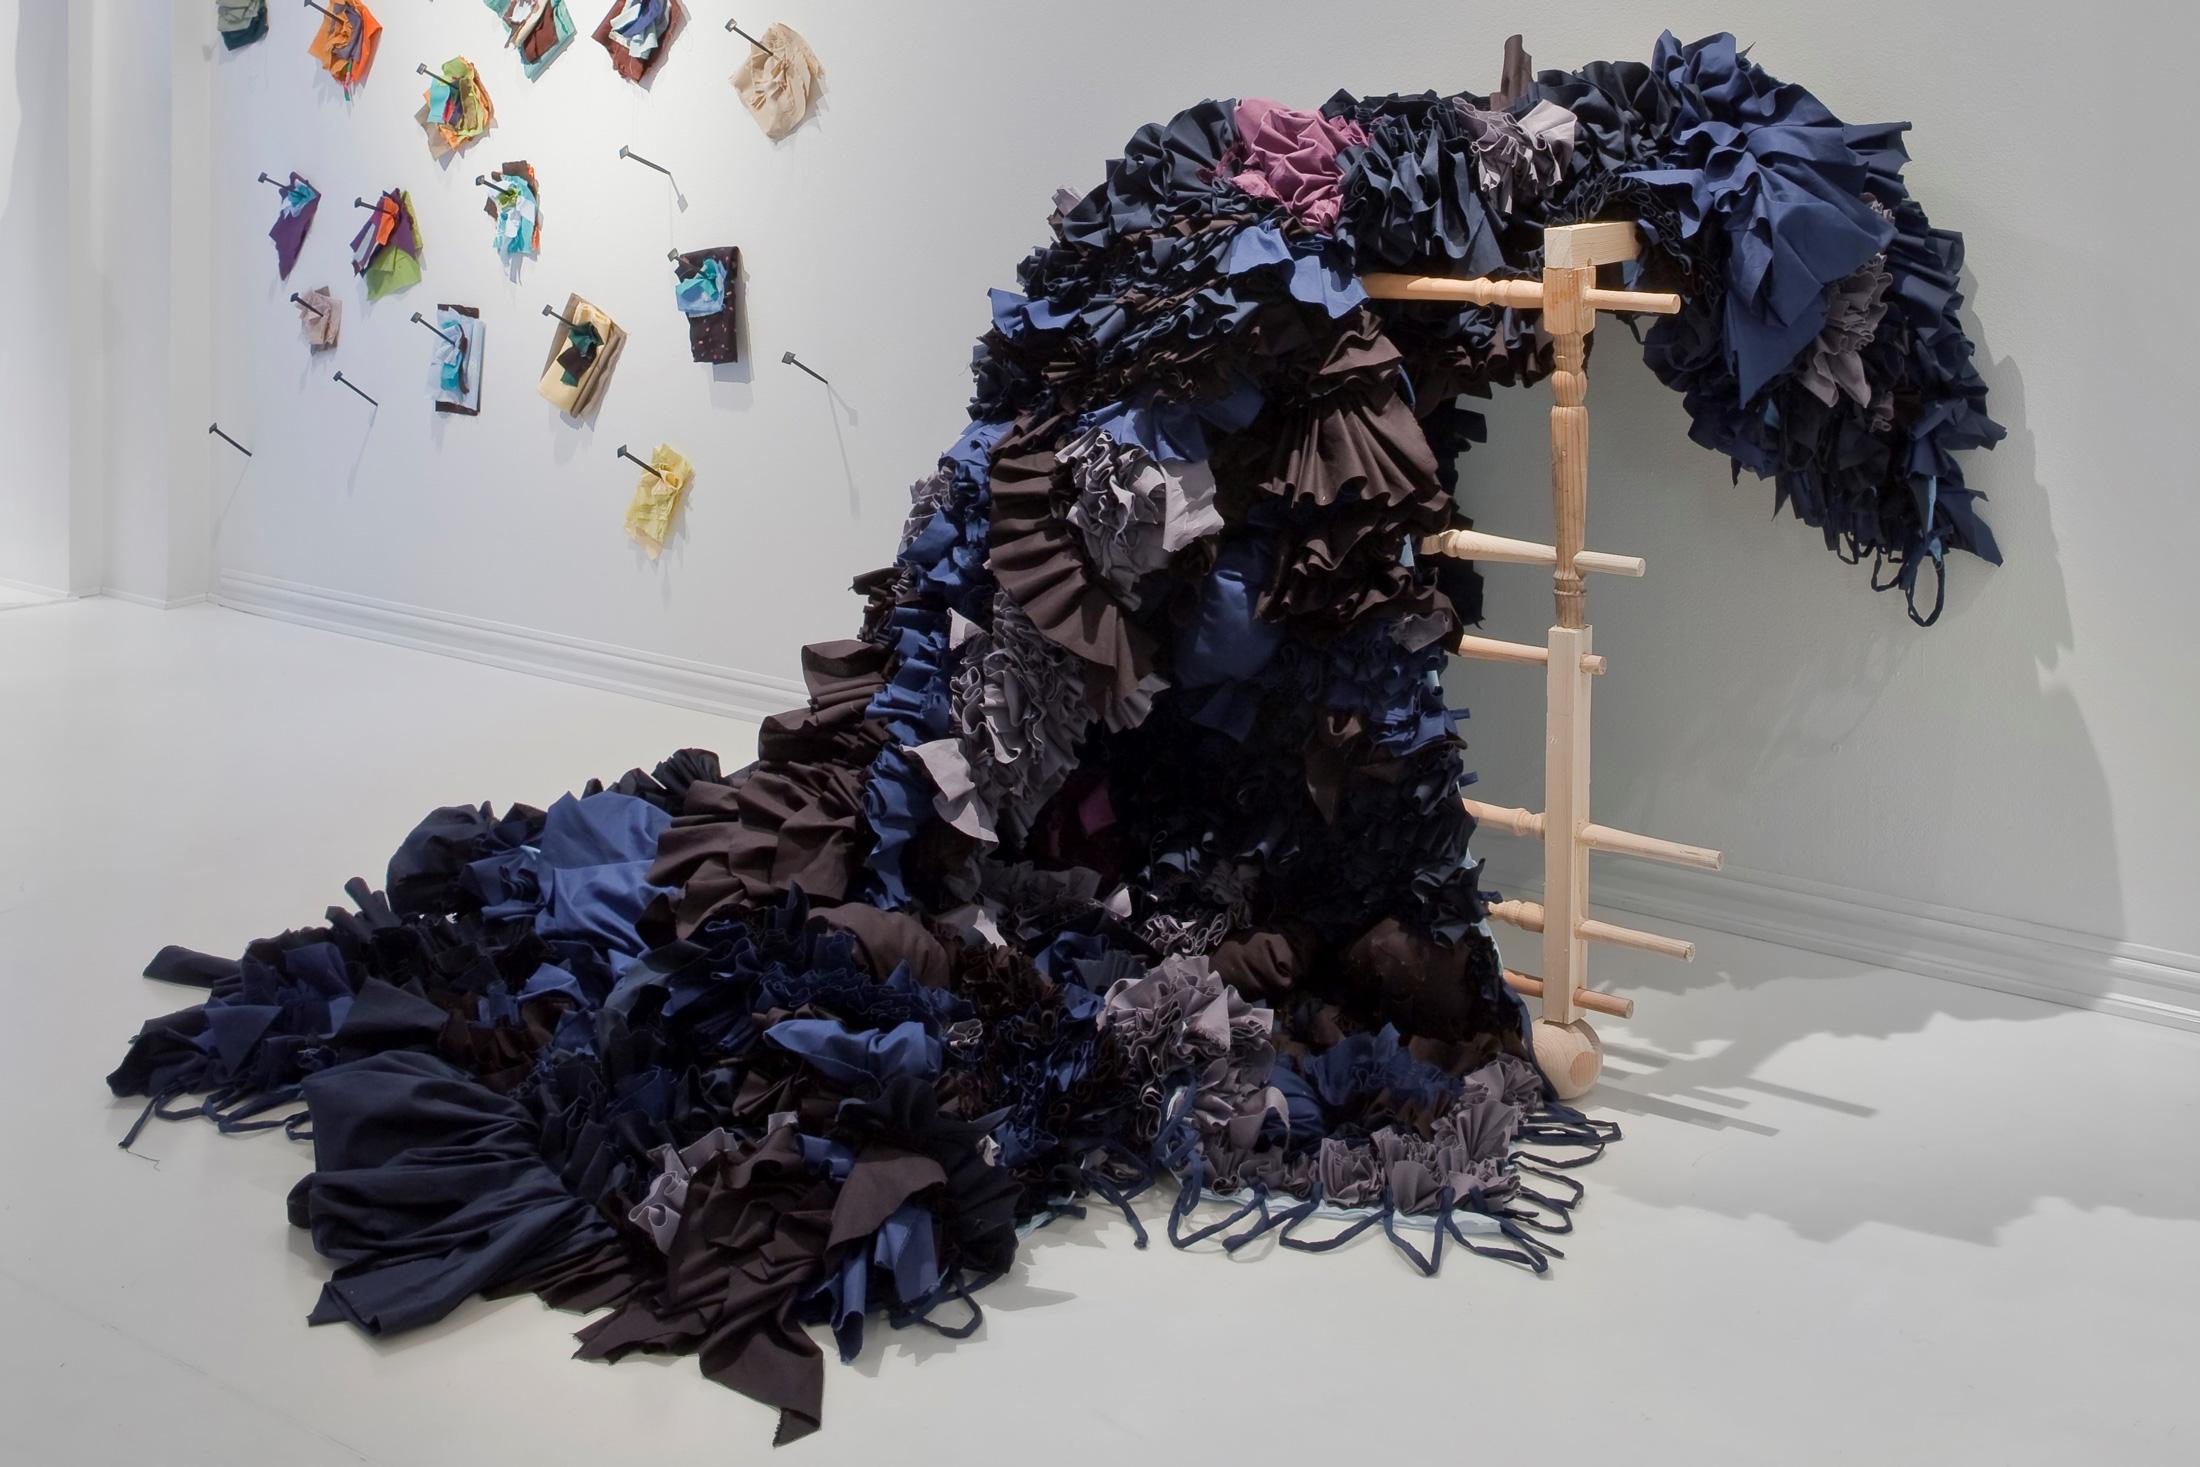 Fra John K. Rausteins utstilling Hemmeligheter uten sammenheng på SOFT galleri i 2014. Foto: Øystein Thorvaldsen.